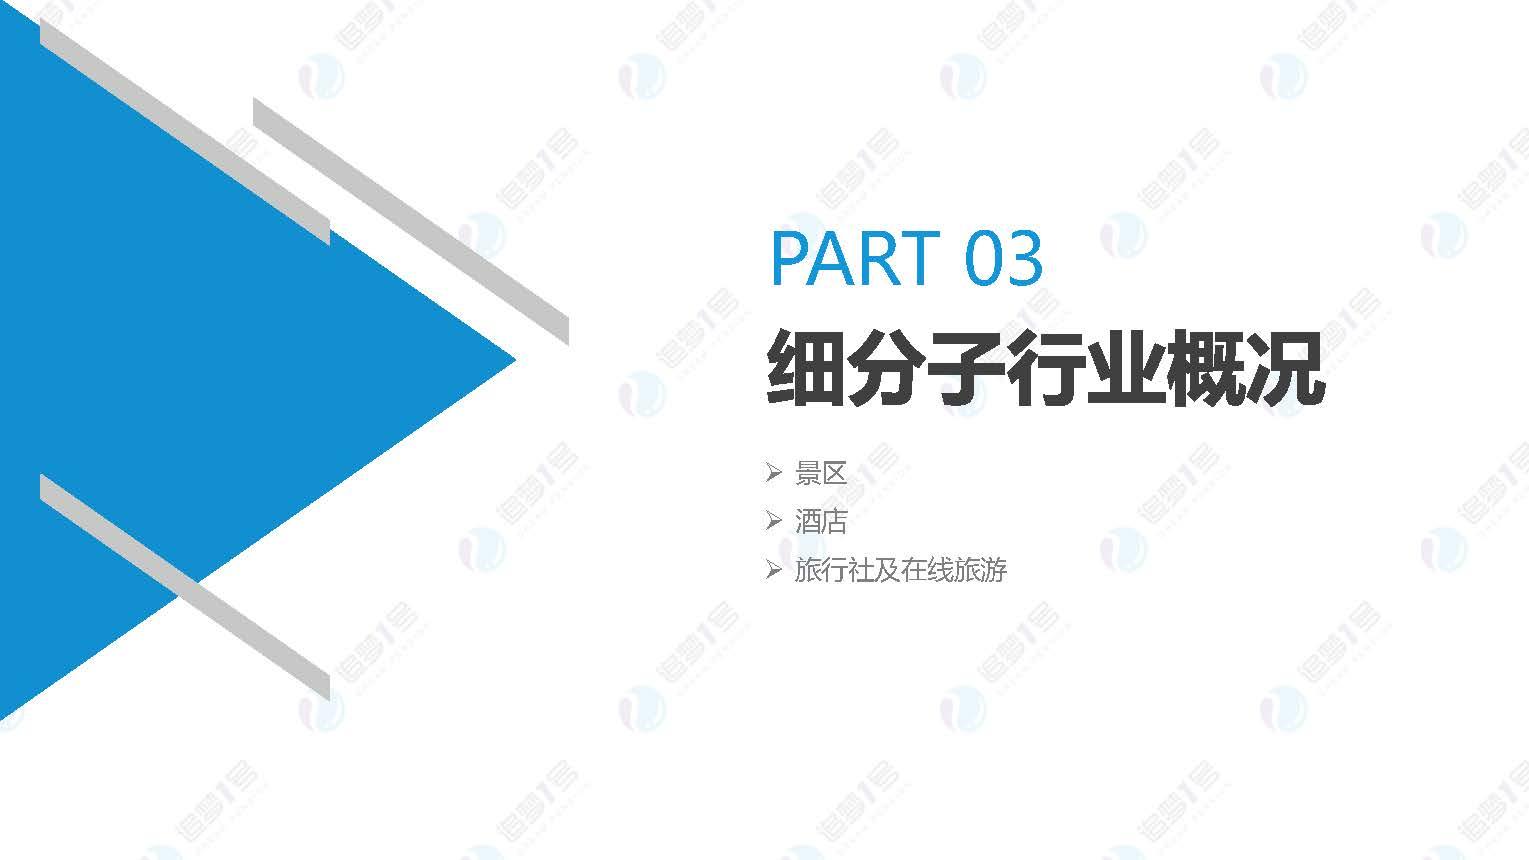 中国旅游行业研究 _页面_17.jpg